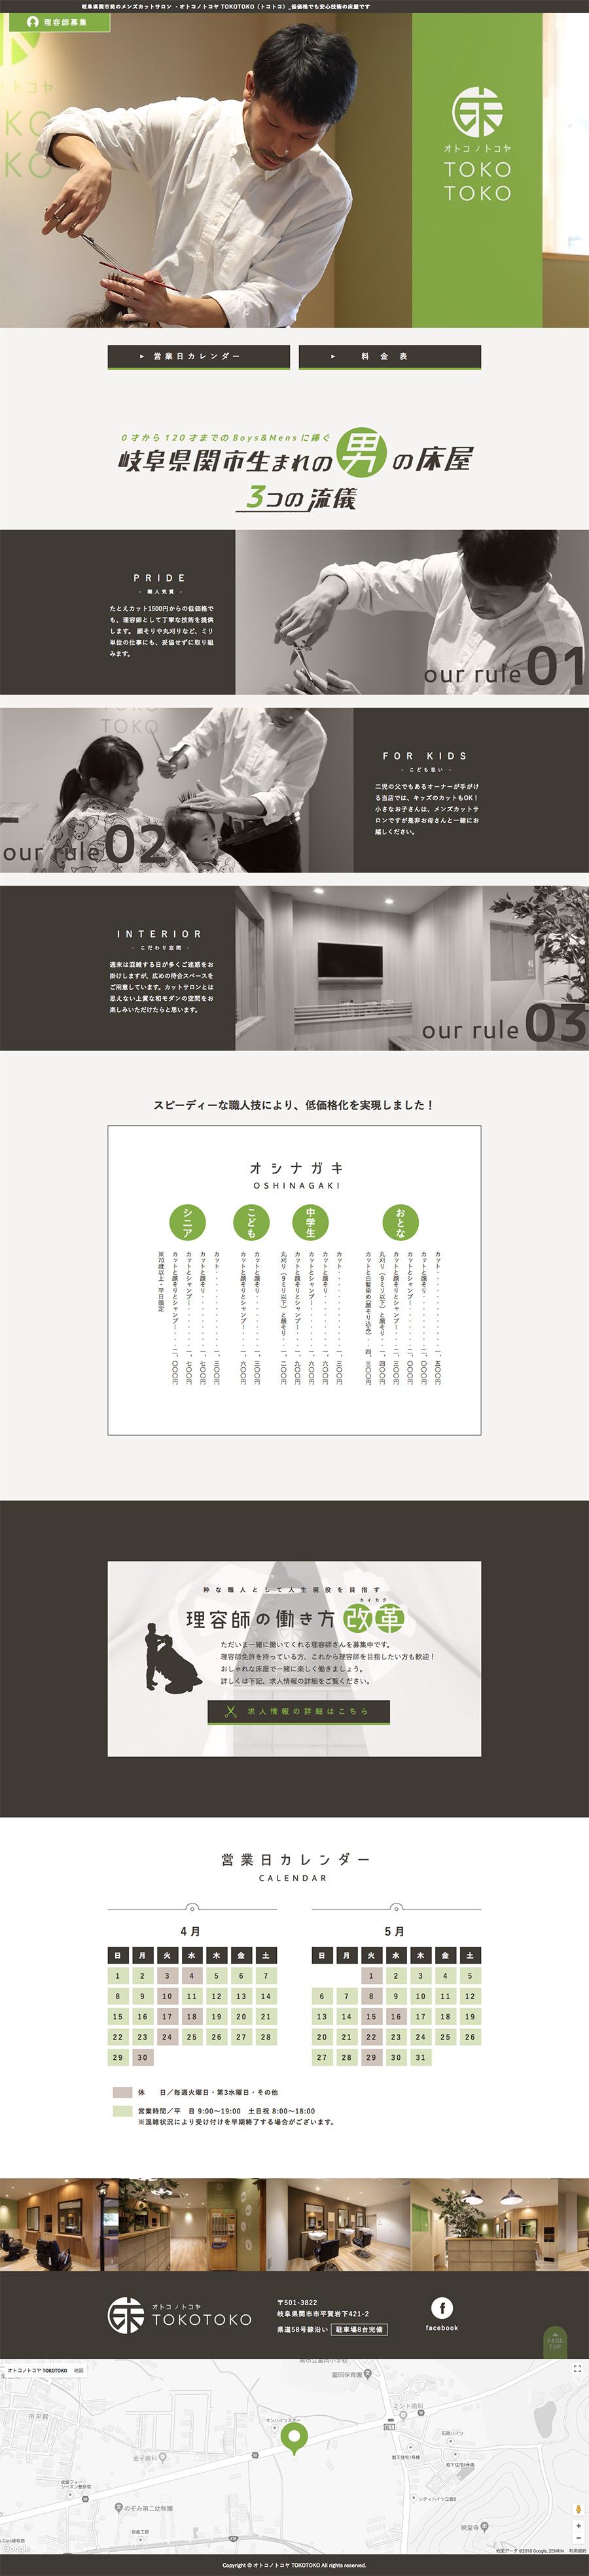 メンズカットサロンのホームページデザイン